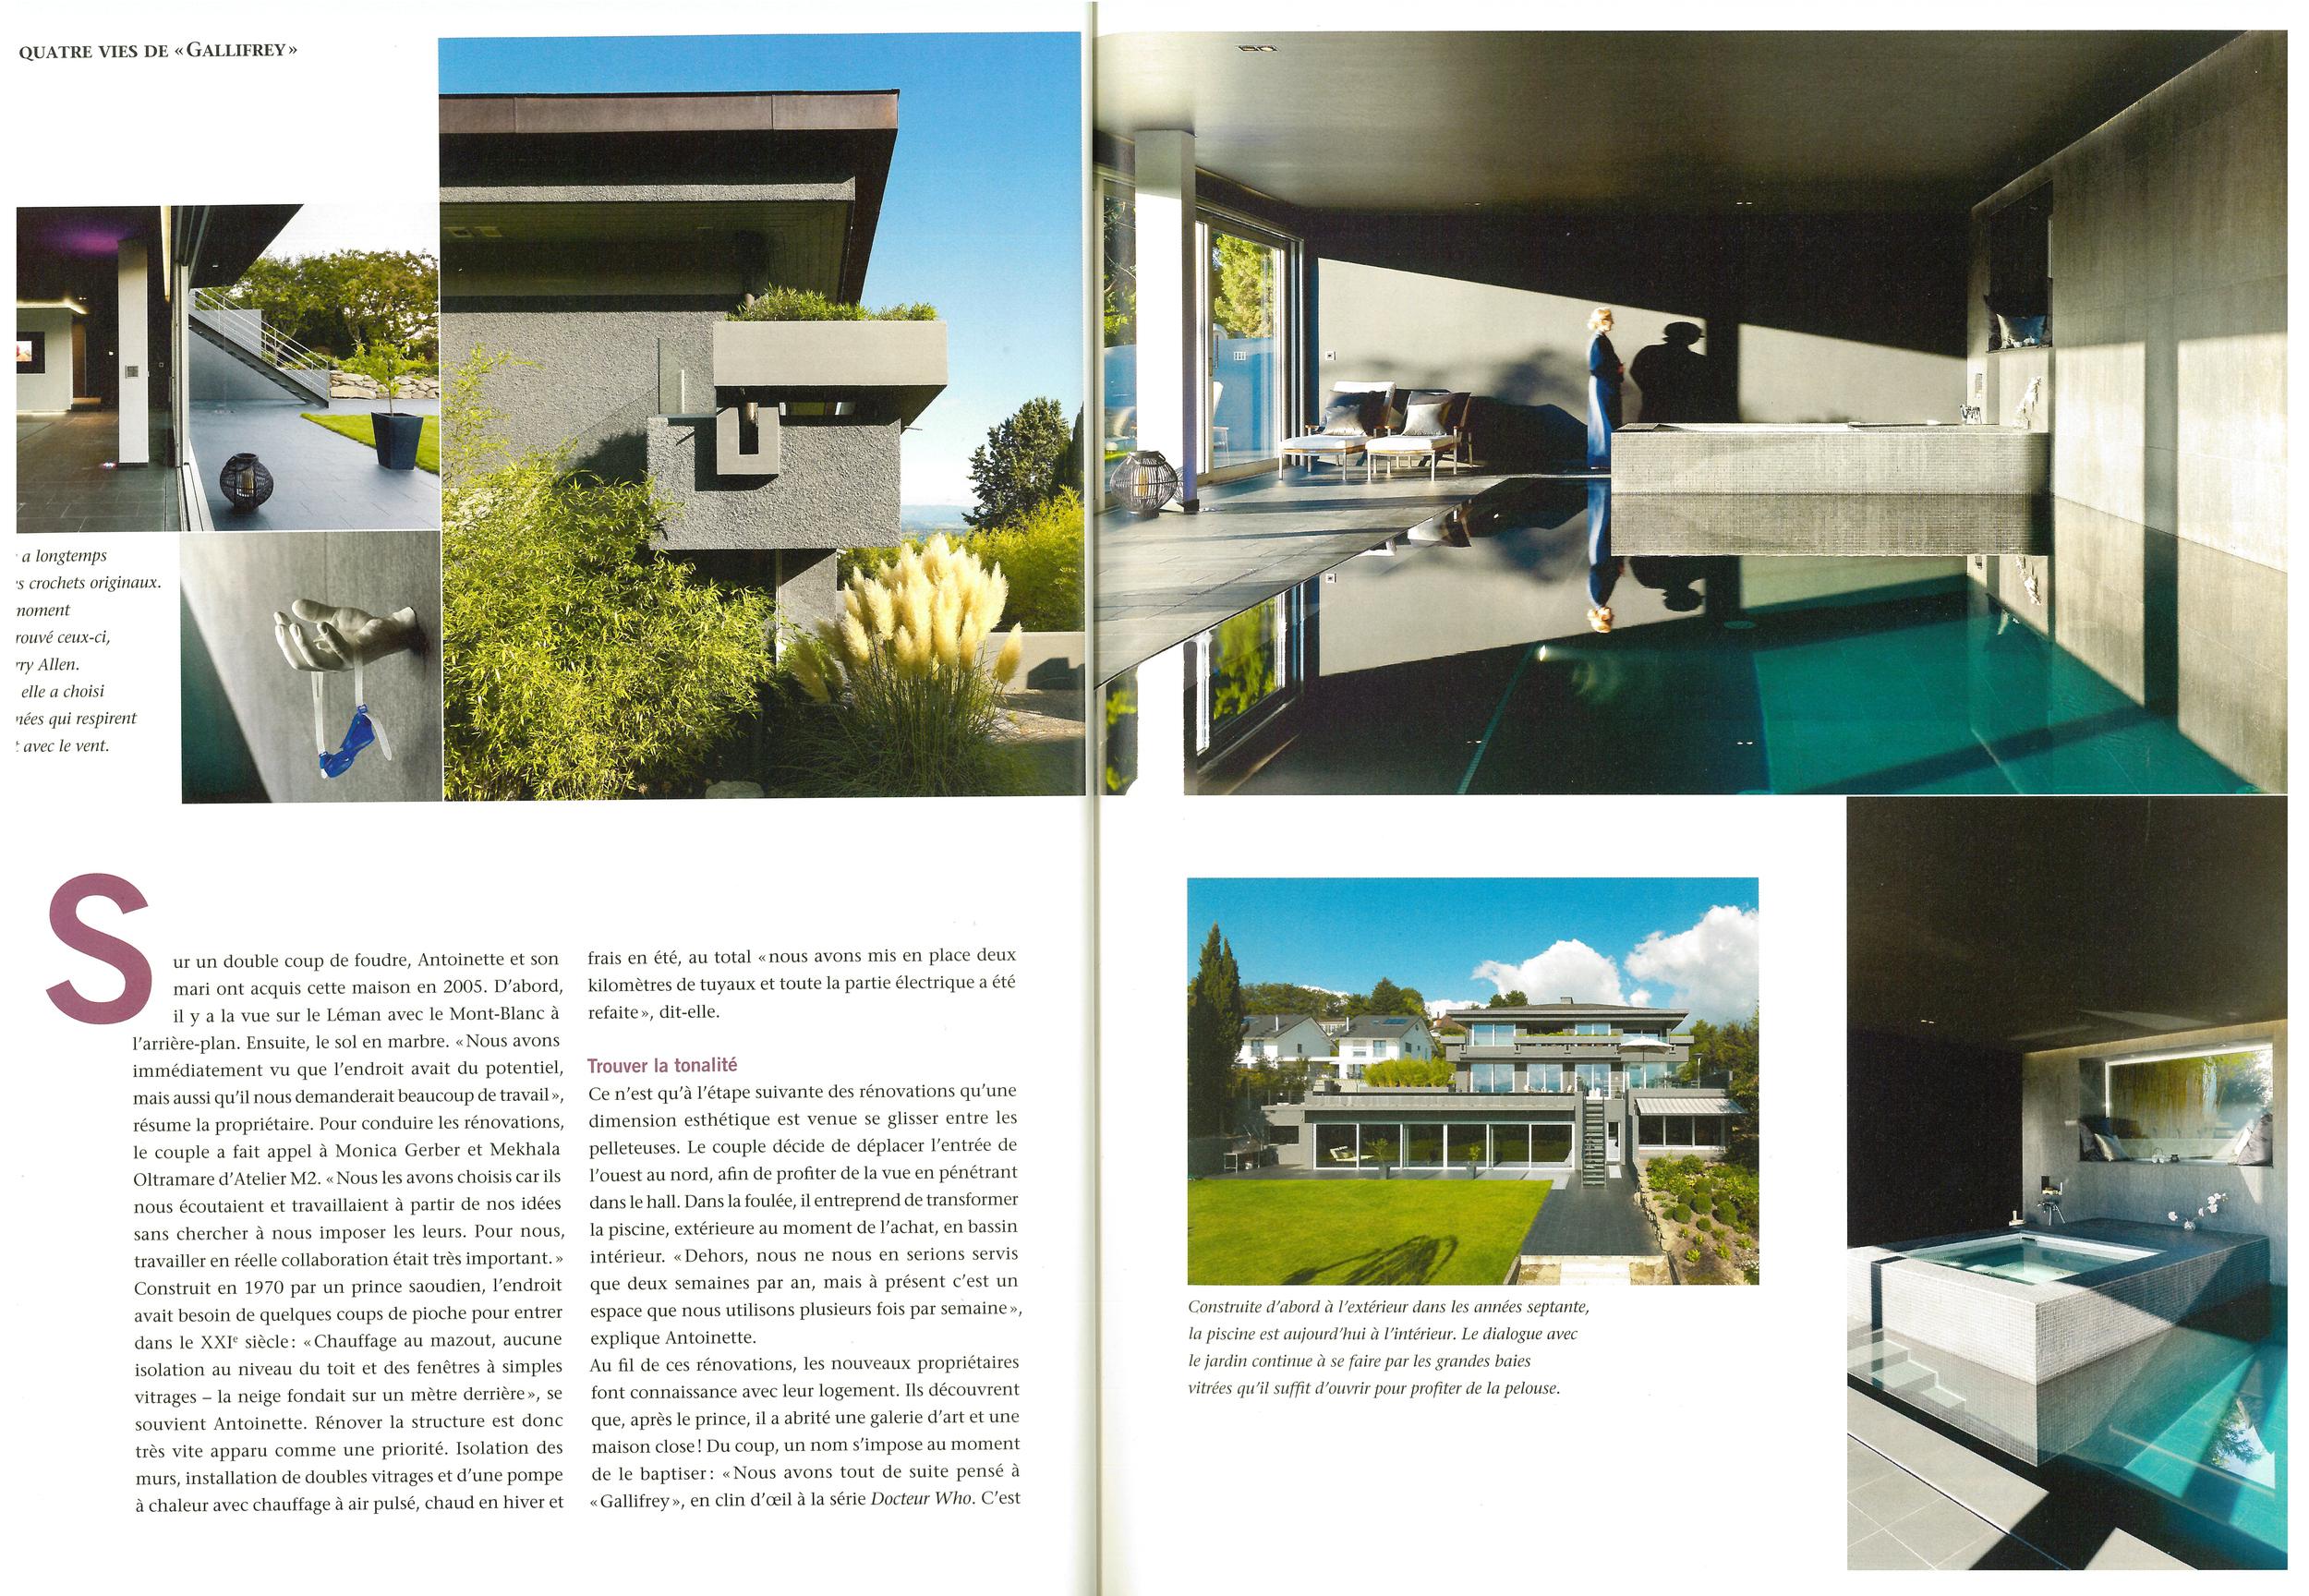 Habitat & Jardin 2 - web.jpg